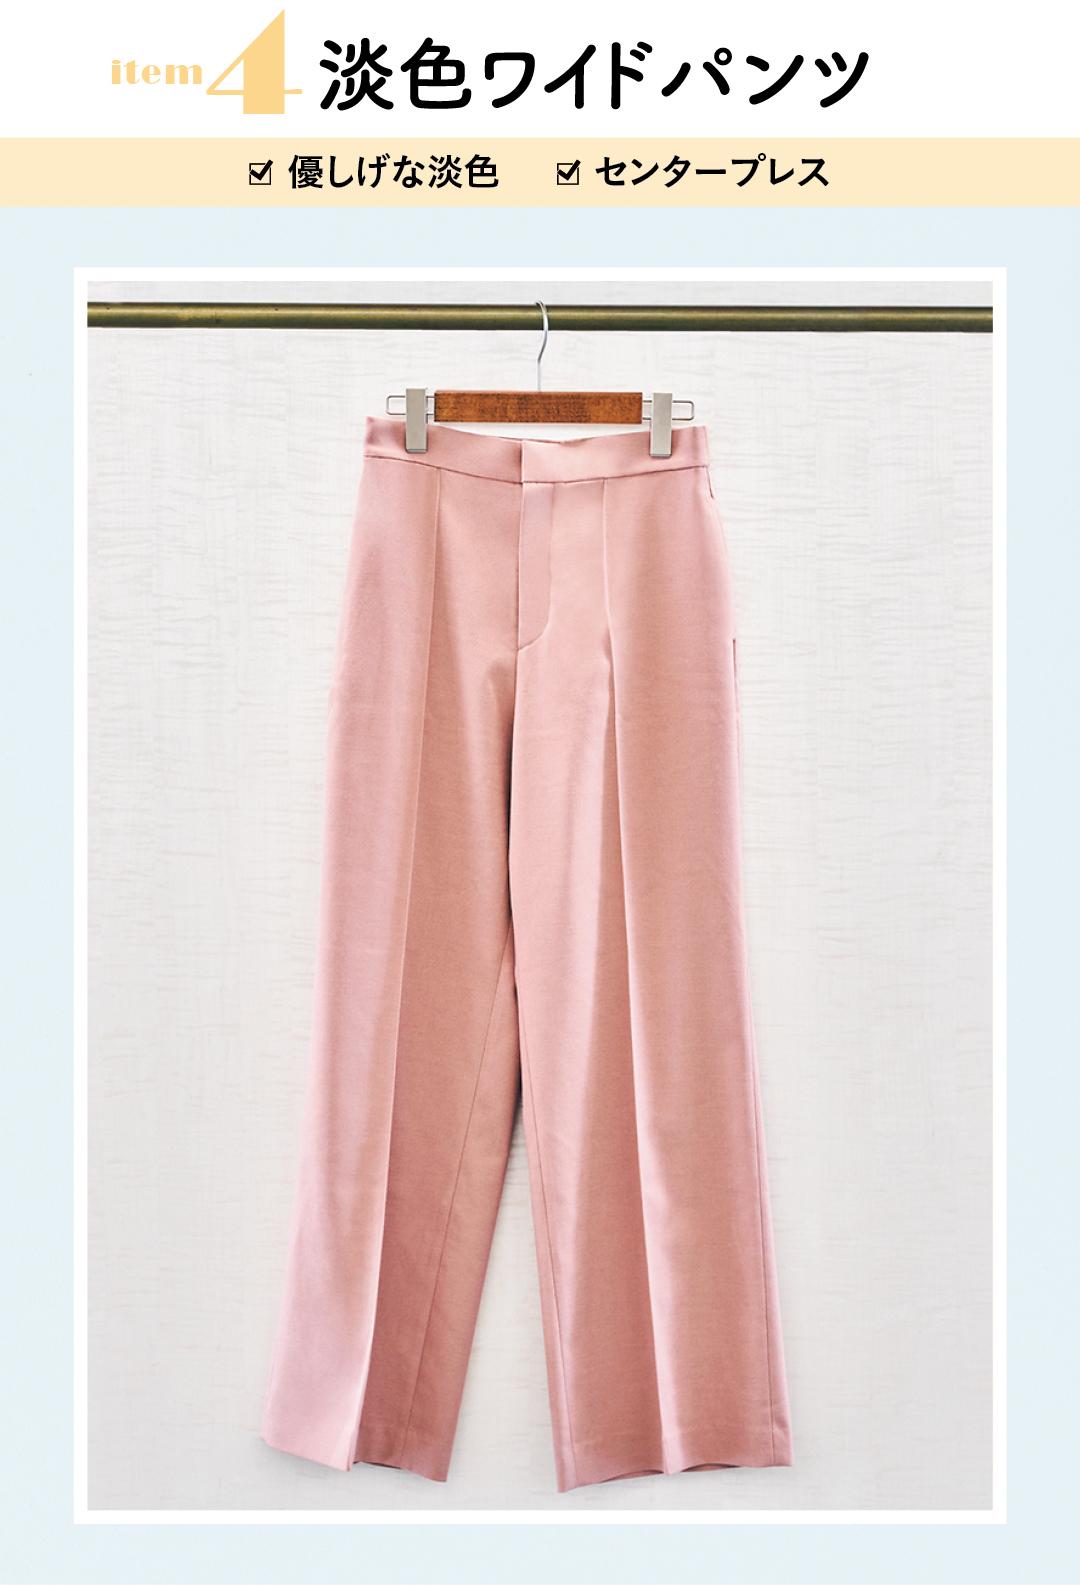 item4 淡色ワイドパンツ ☑︎優しげな淡色 ☑︎センタープレス